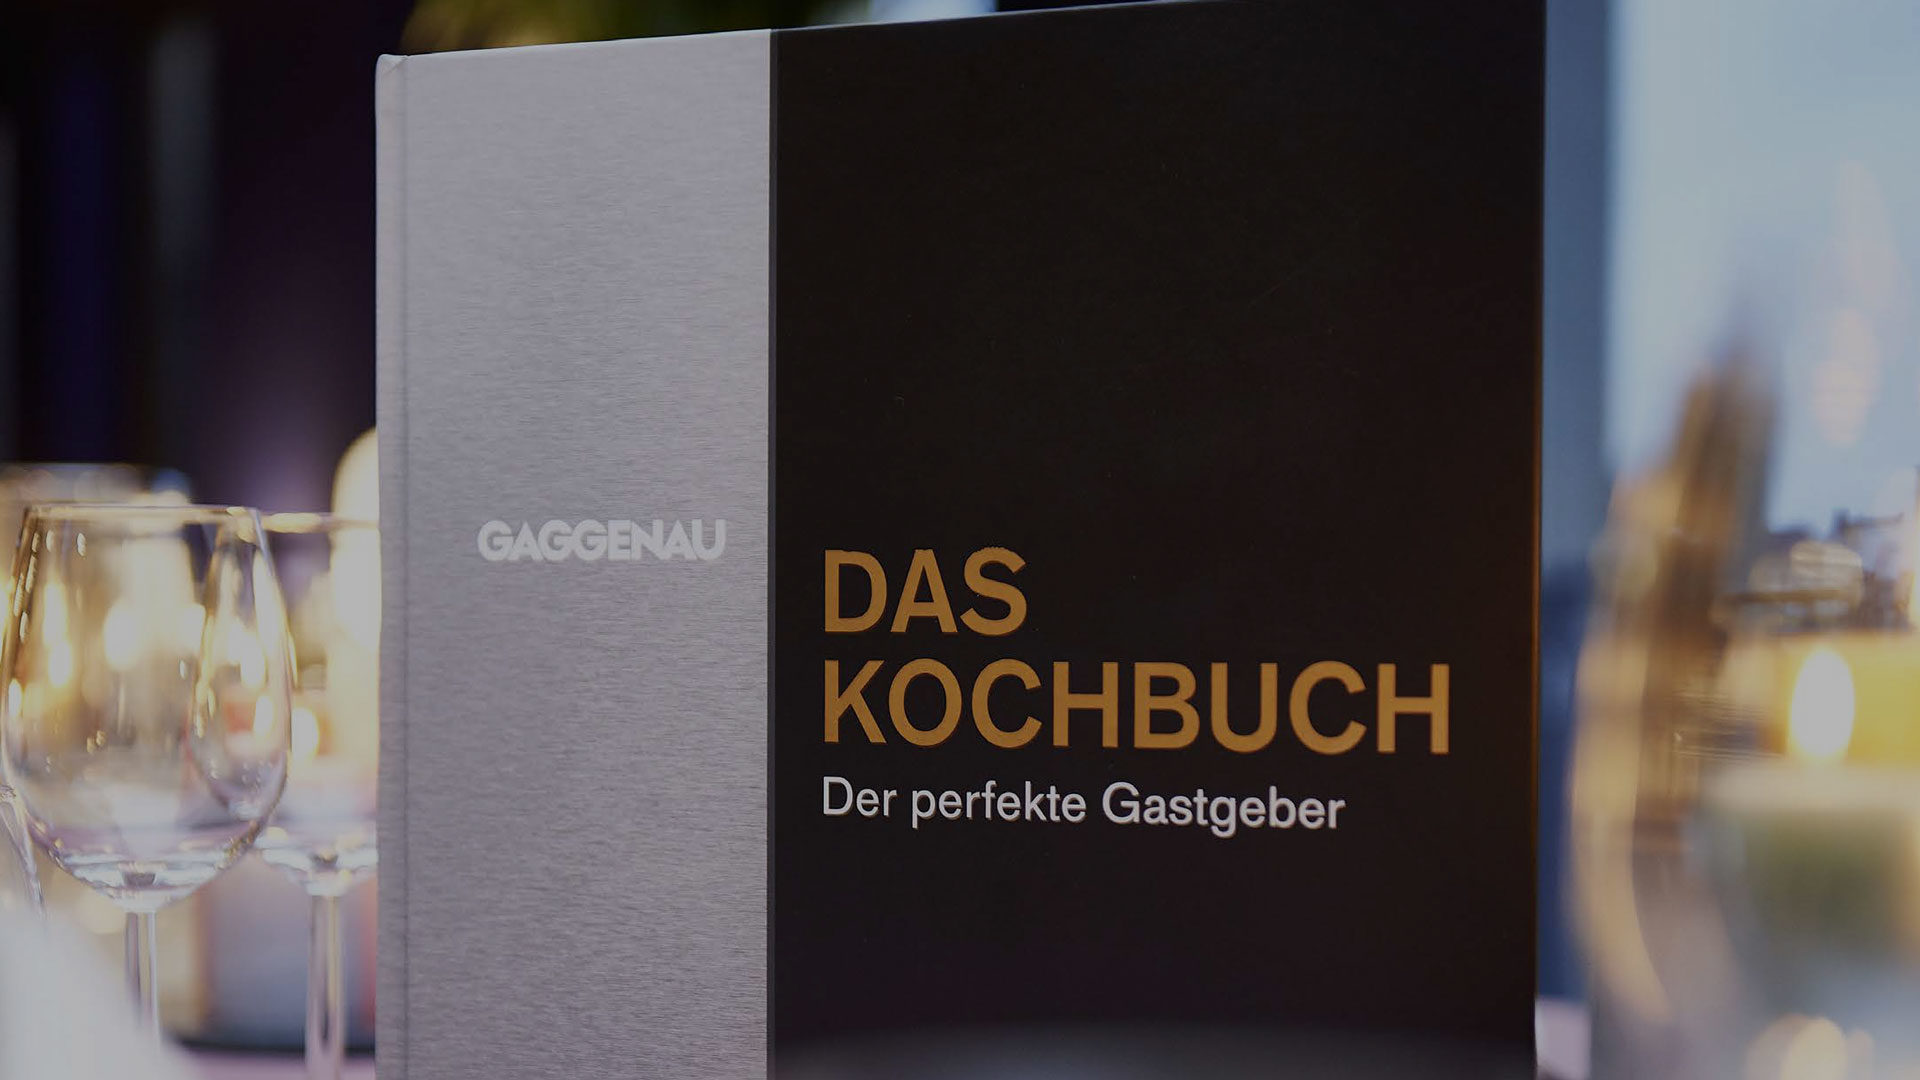 Gaggenau-Aktion: Gratis Kochbuch zu Ihrem Dampfbackofen